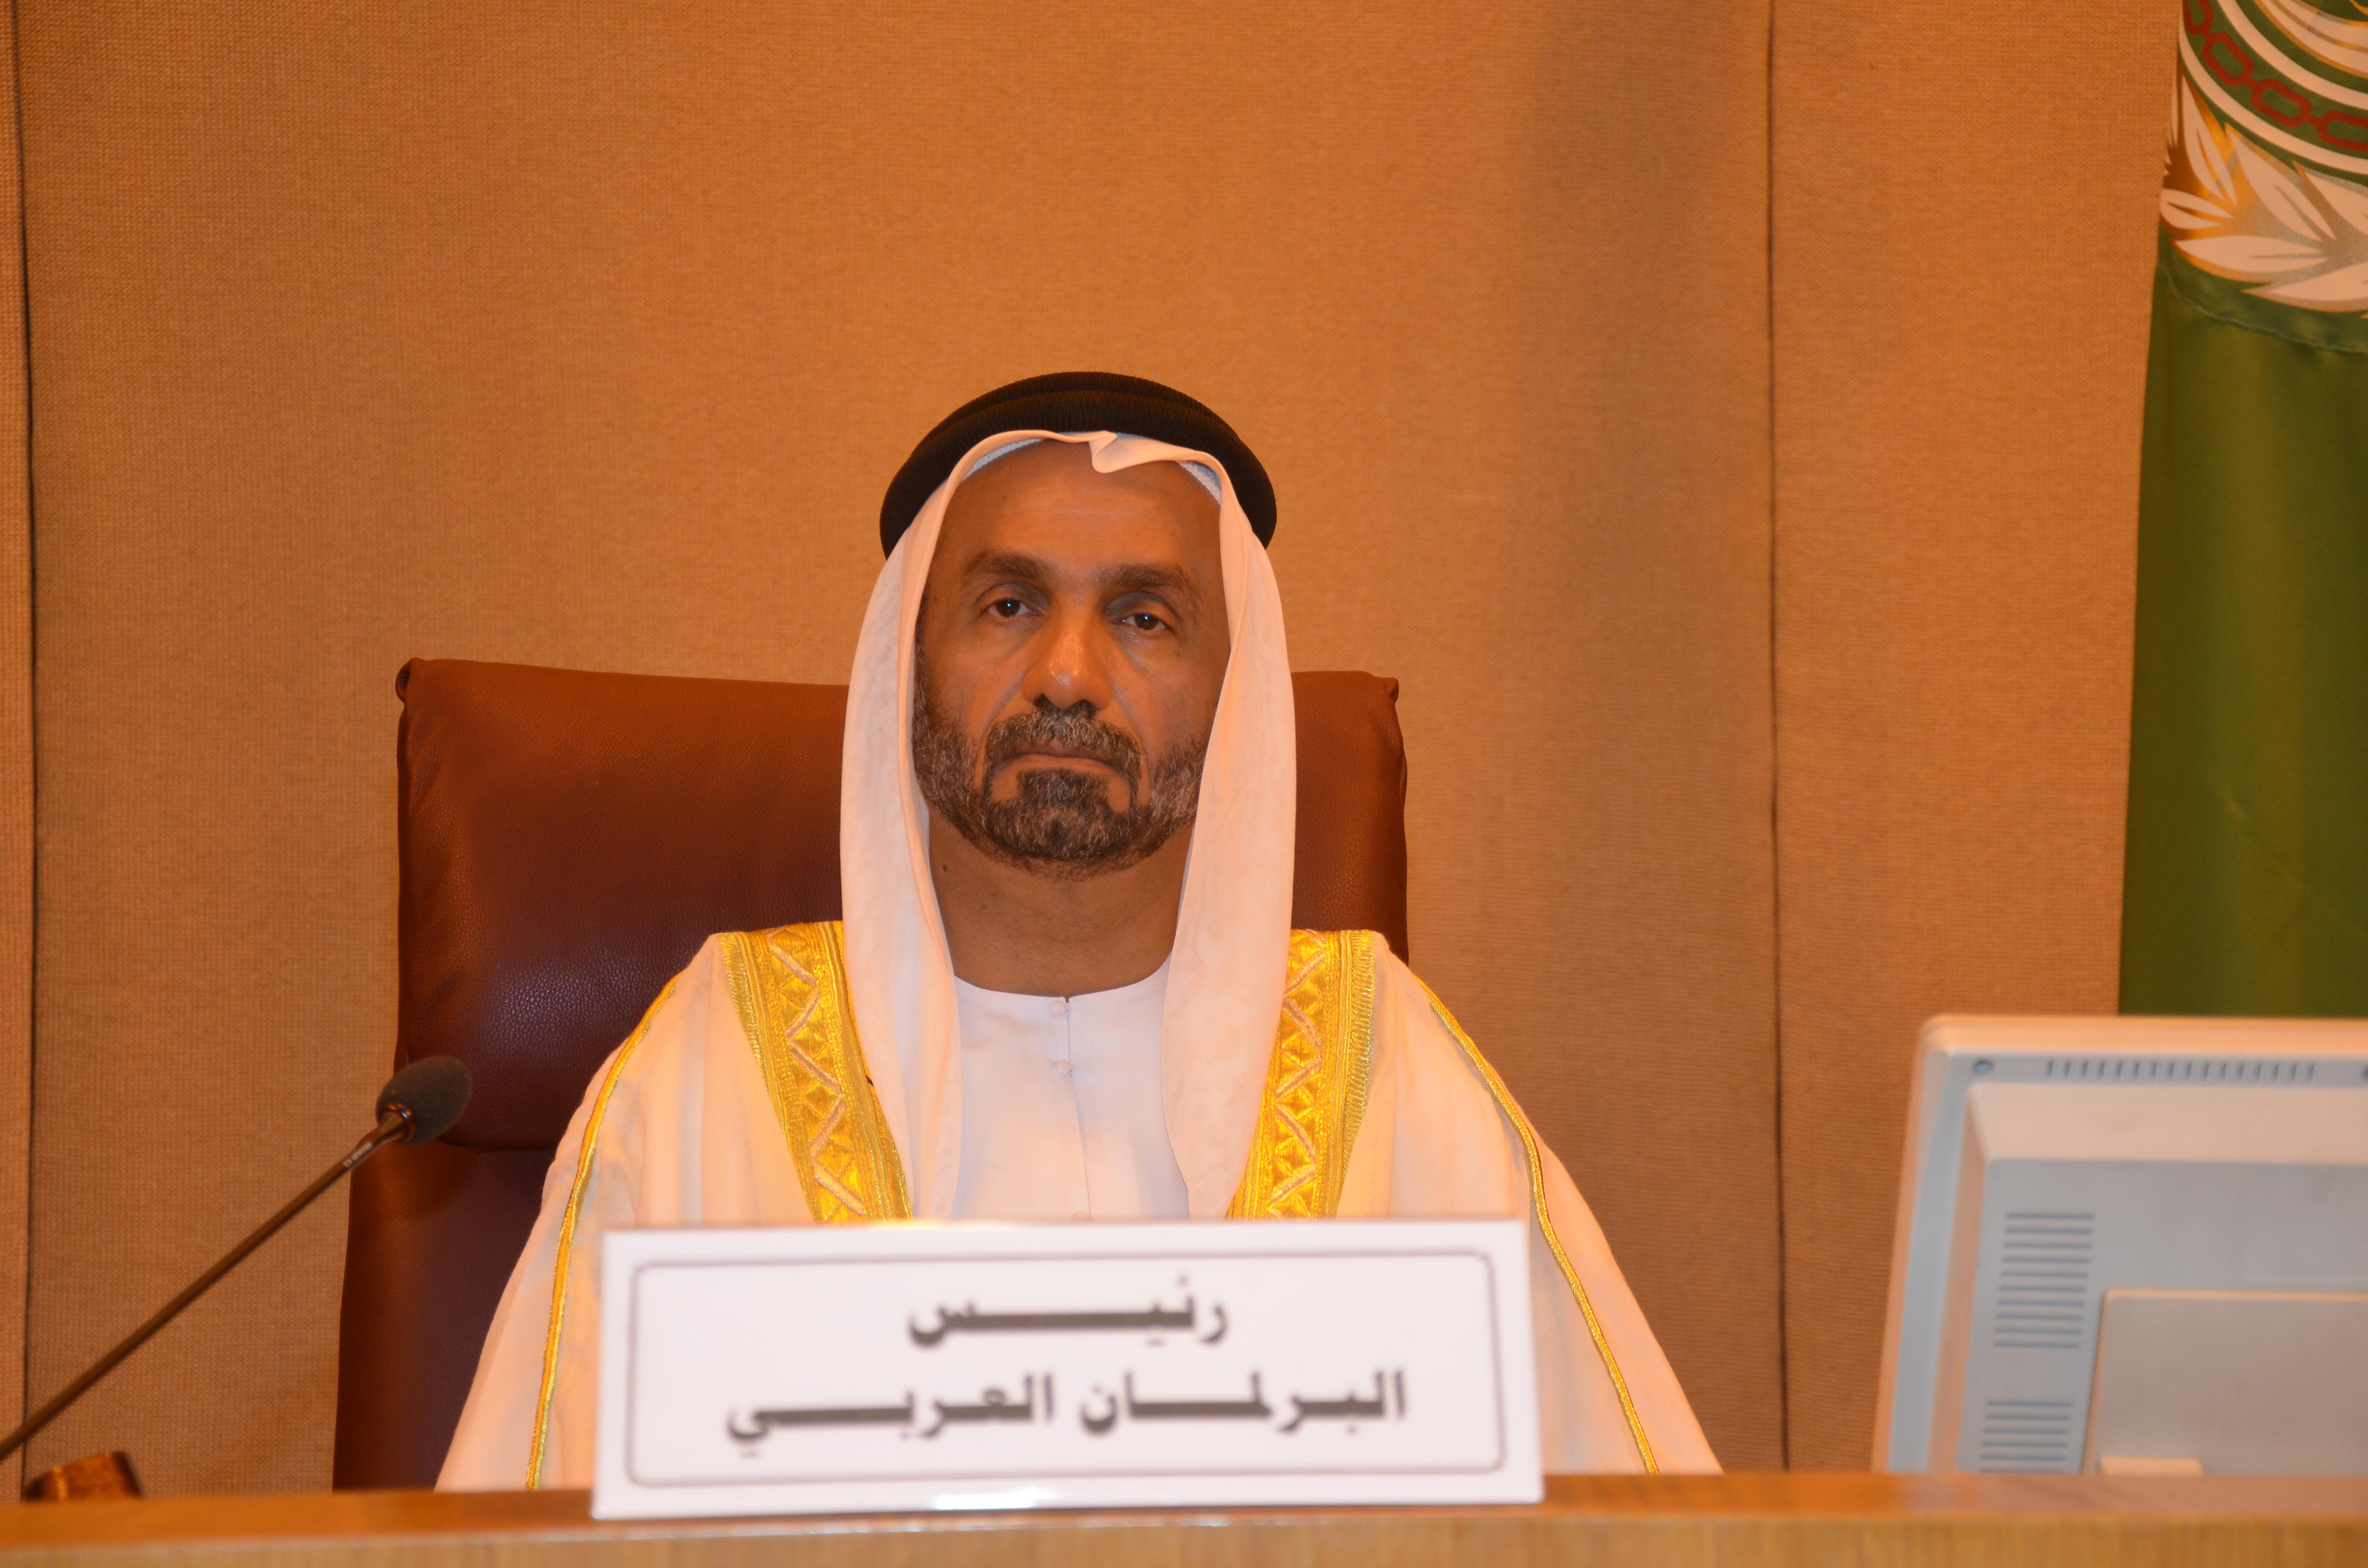 رئيس البرلمان العربي يستنكر مقتل الكساسبة